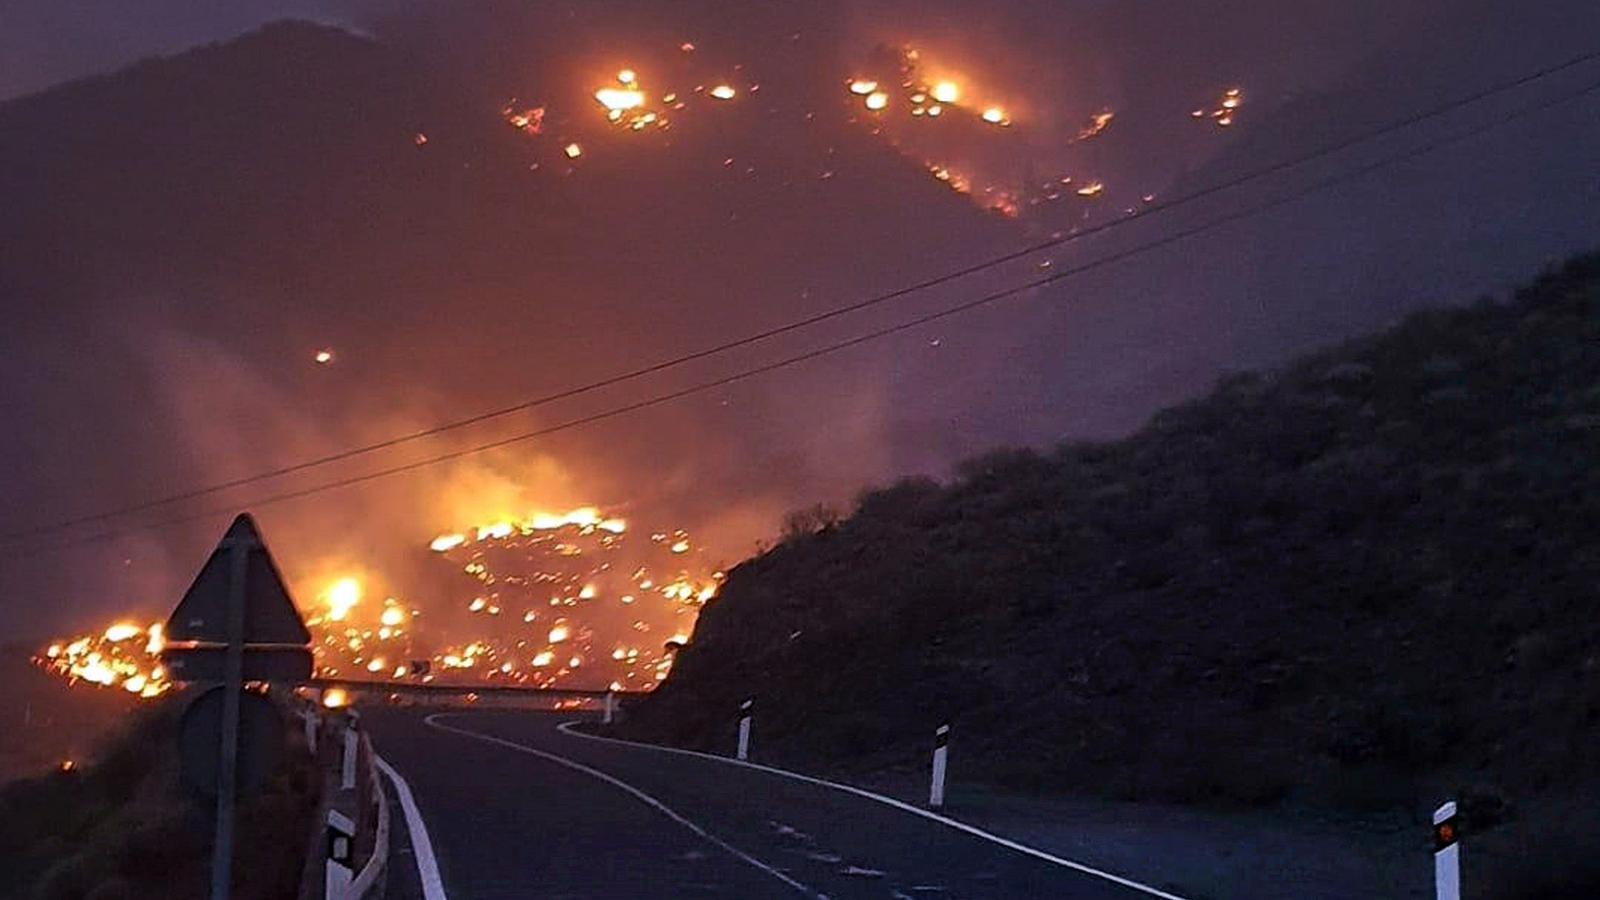 Diversos incendis han obligat a evacuar més de 1.000 persones a l'illa Tenerife